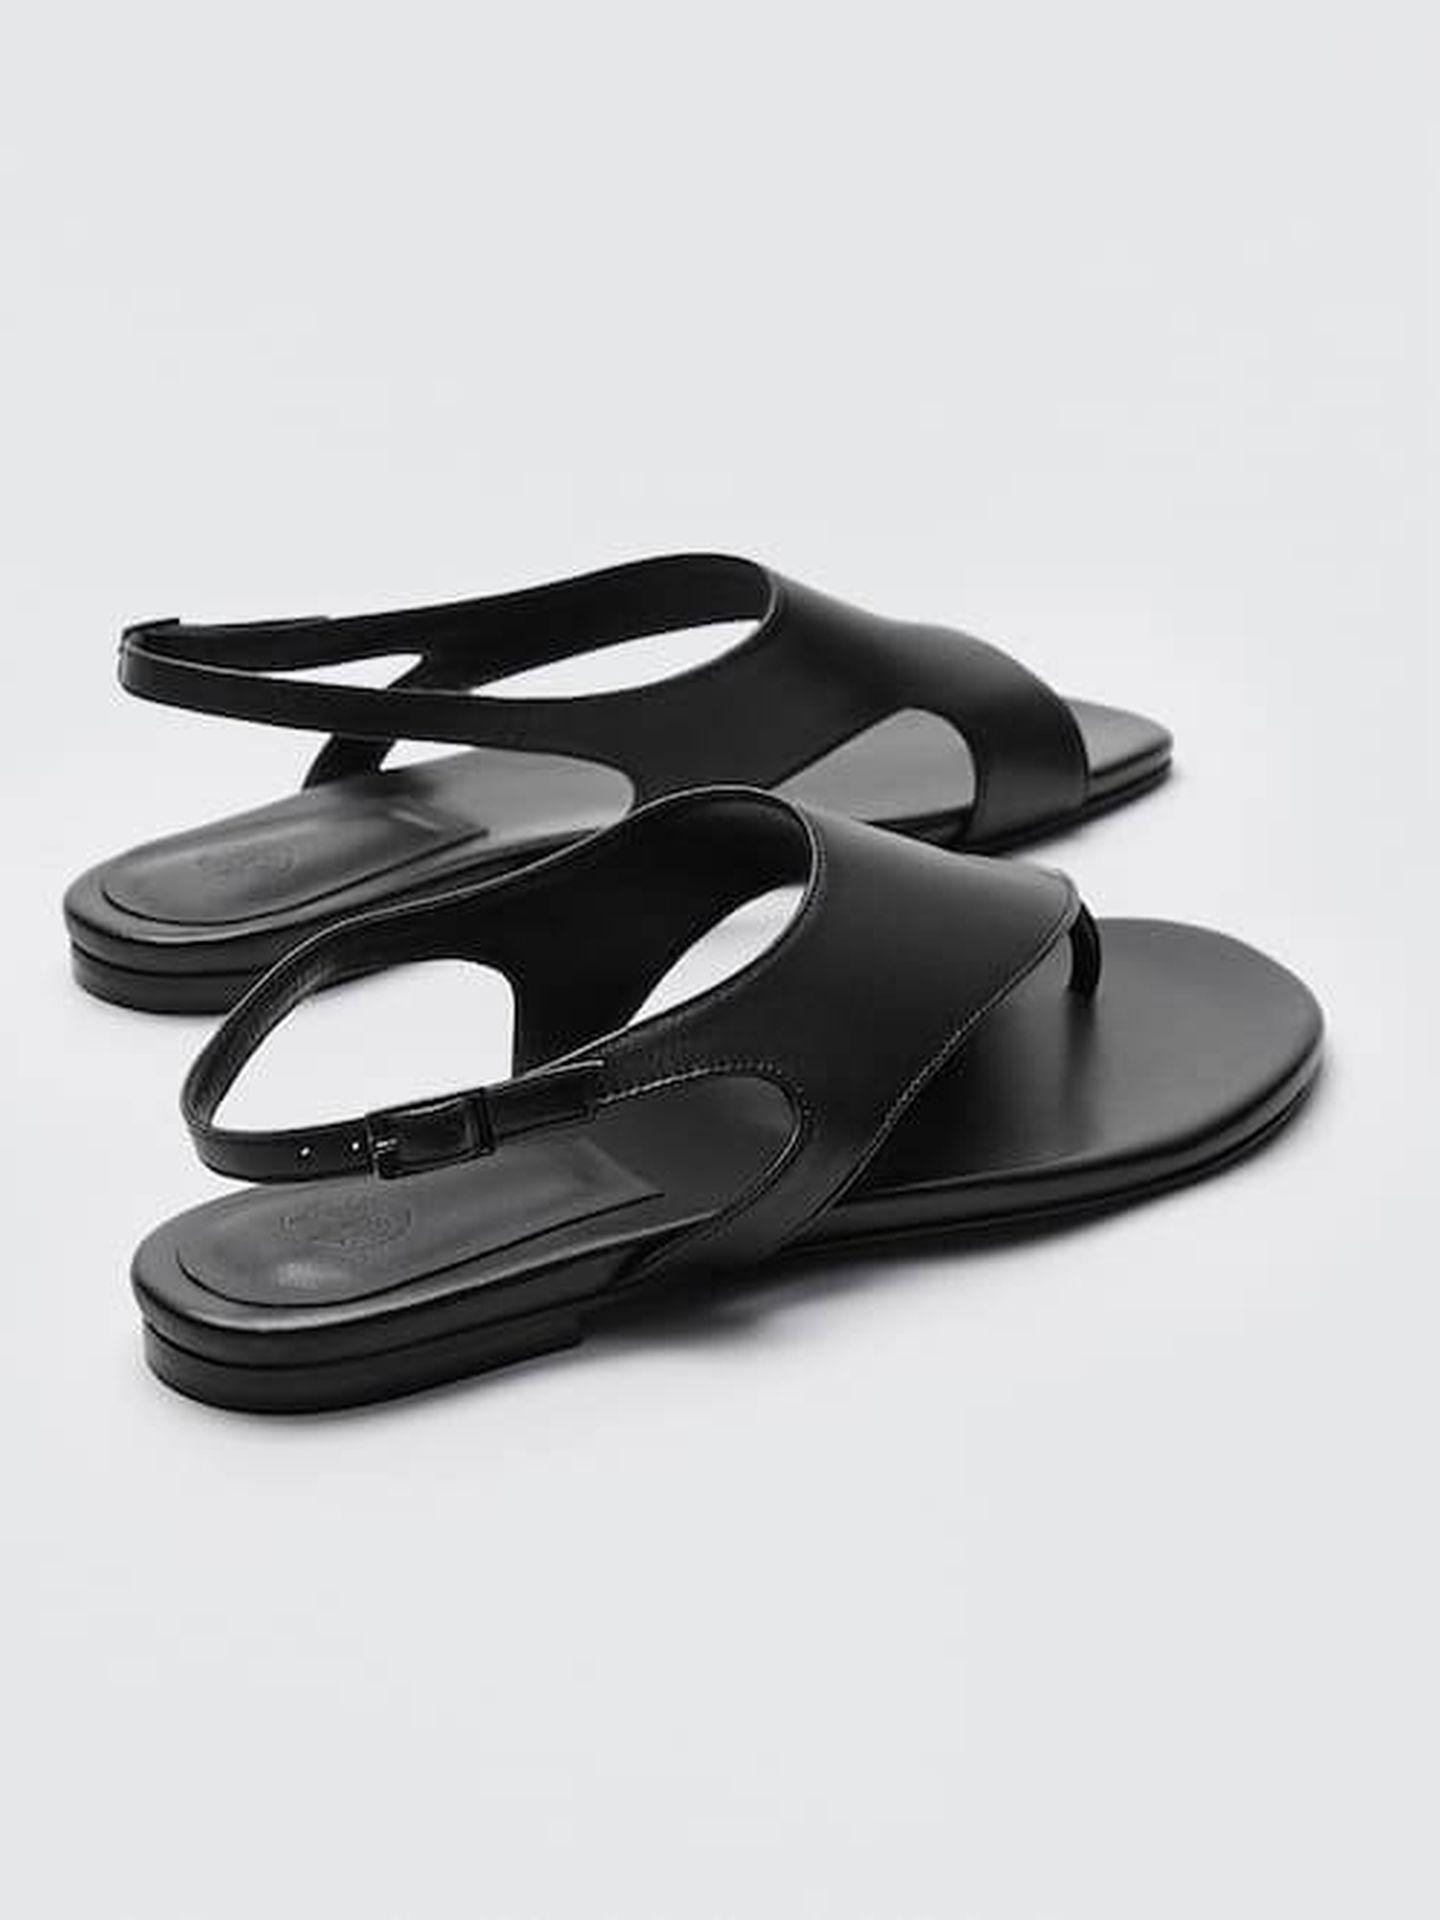 Las sandalias planas de la tienda online de Massimo Dutti. (Cortesía)